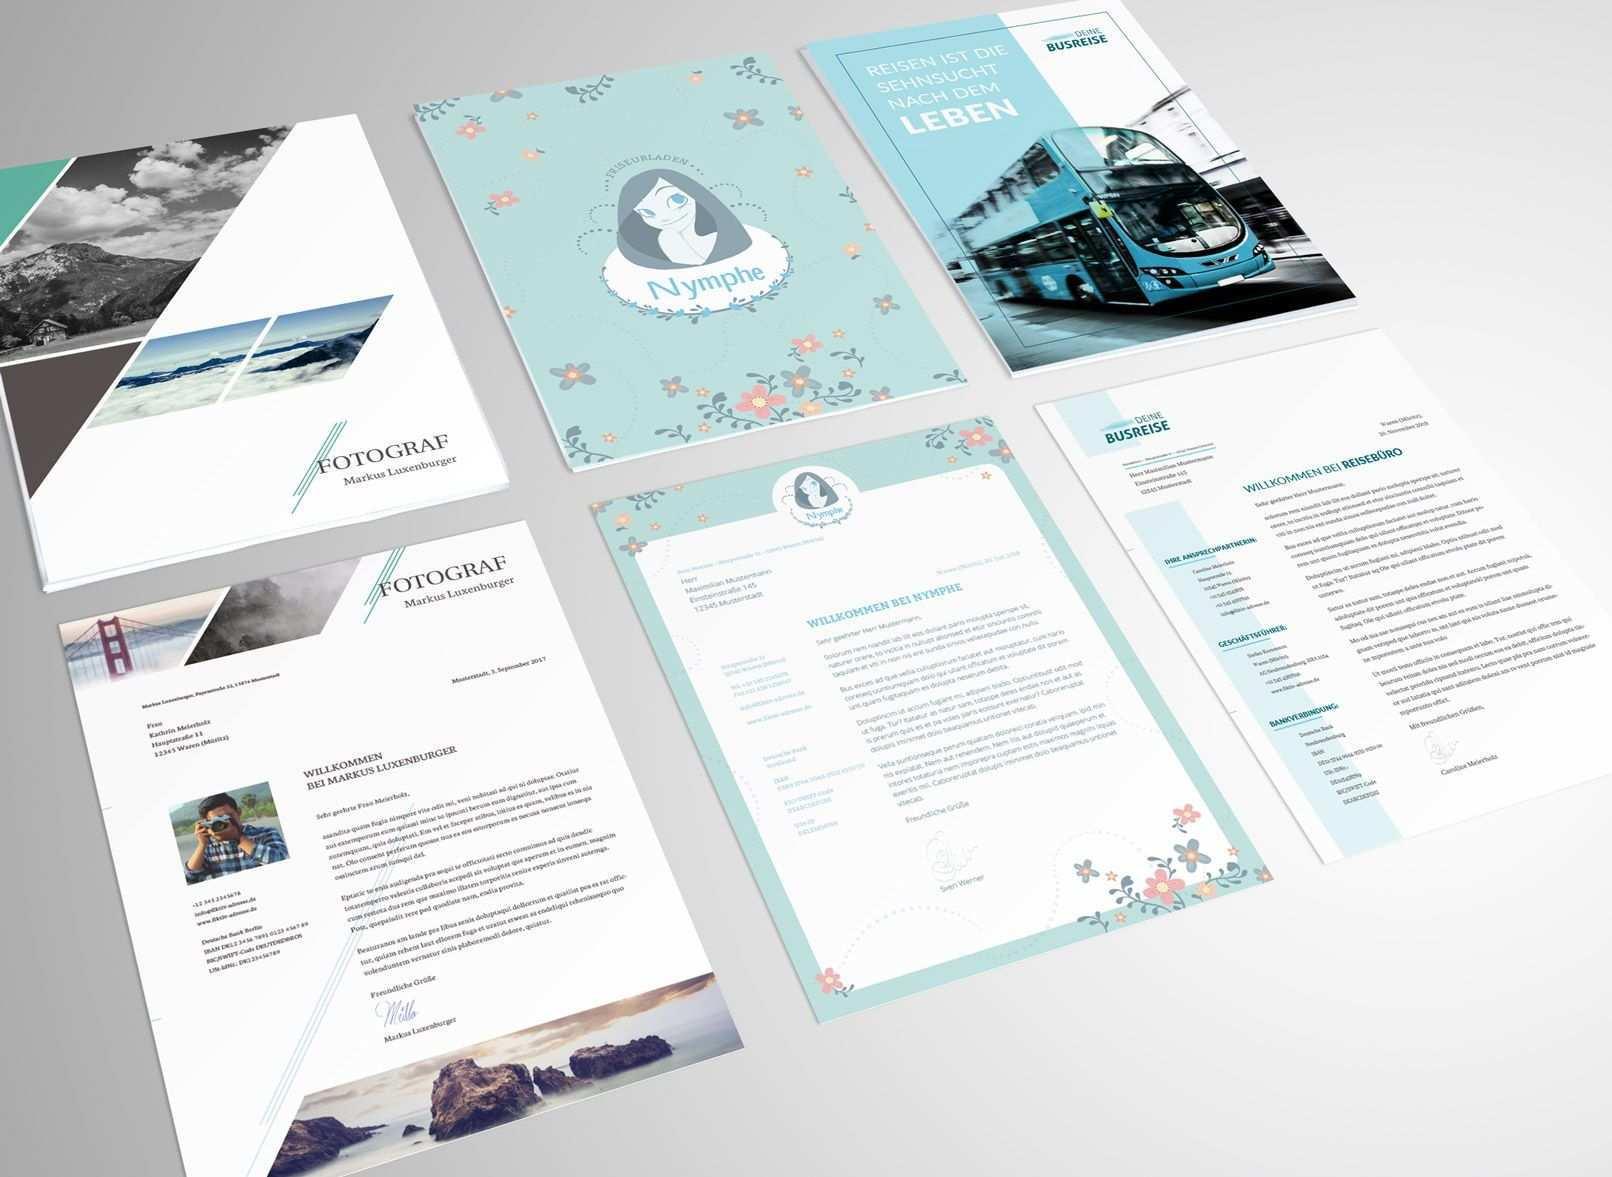 Briefpapier Designs Fur Word Indesign Und Coreldraw Briefpapier Design Briefpapier Briefpapier Vorlage